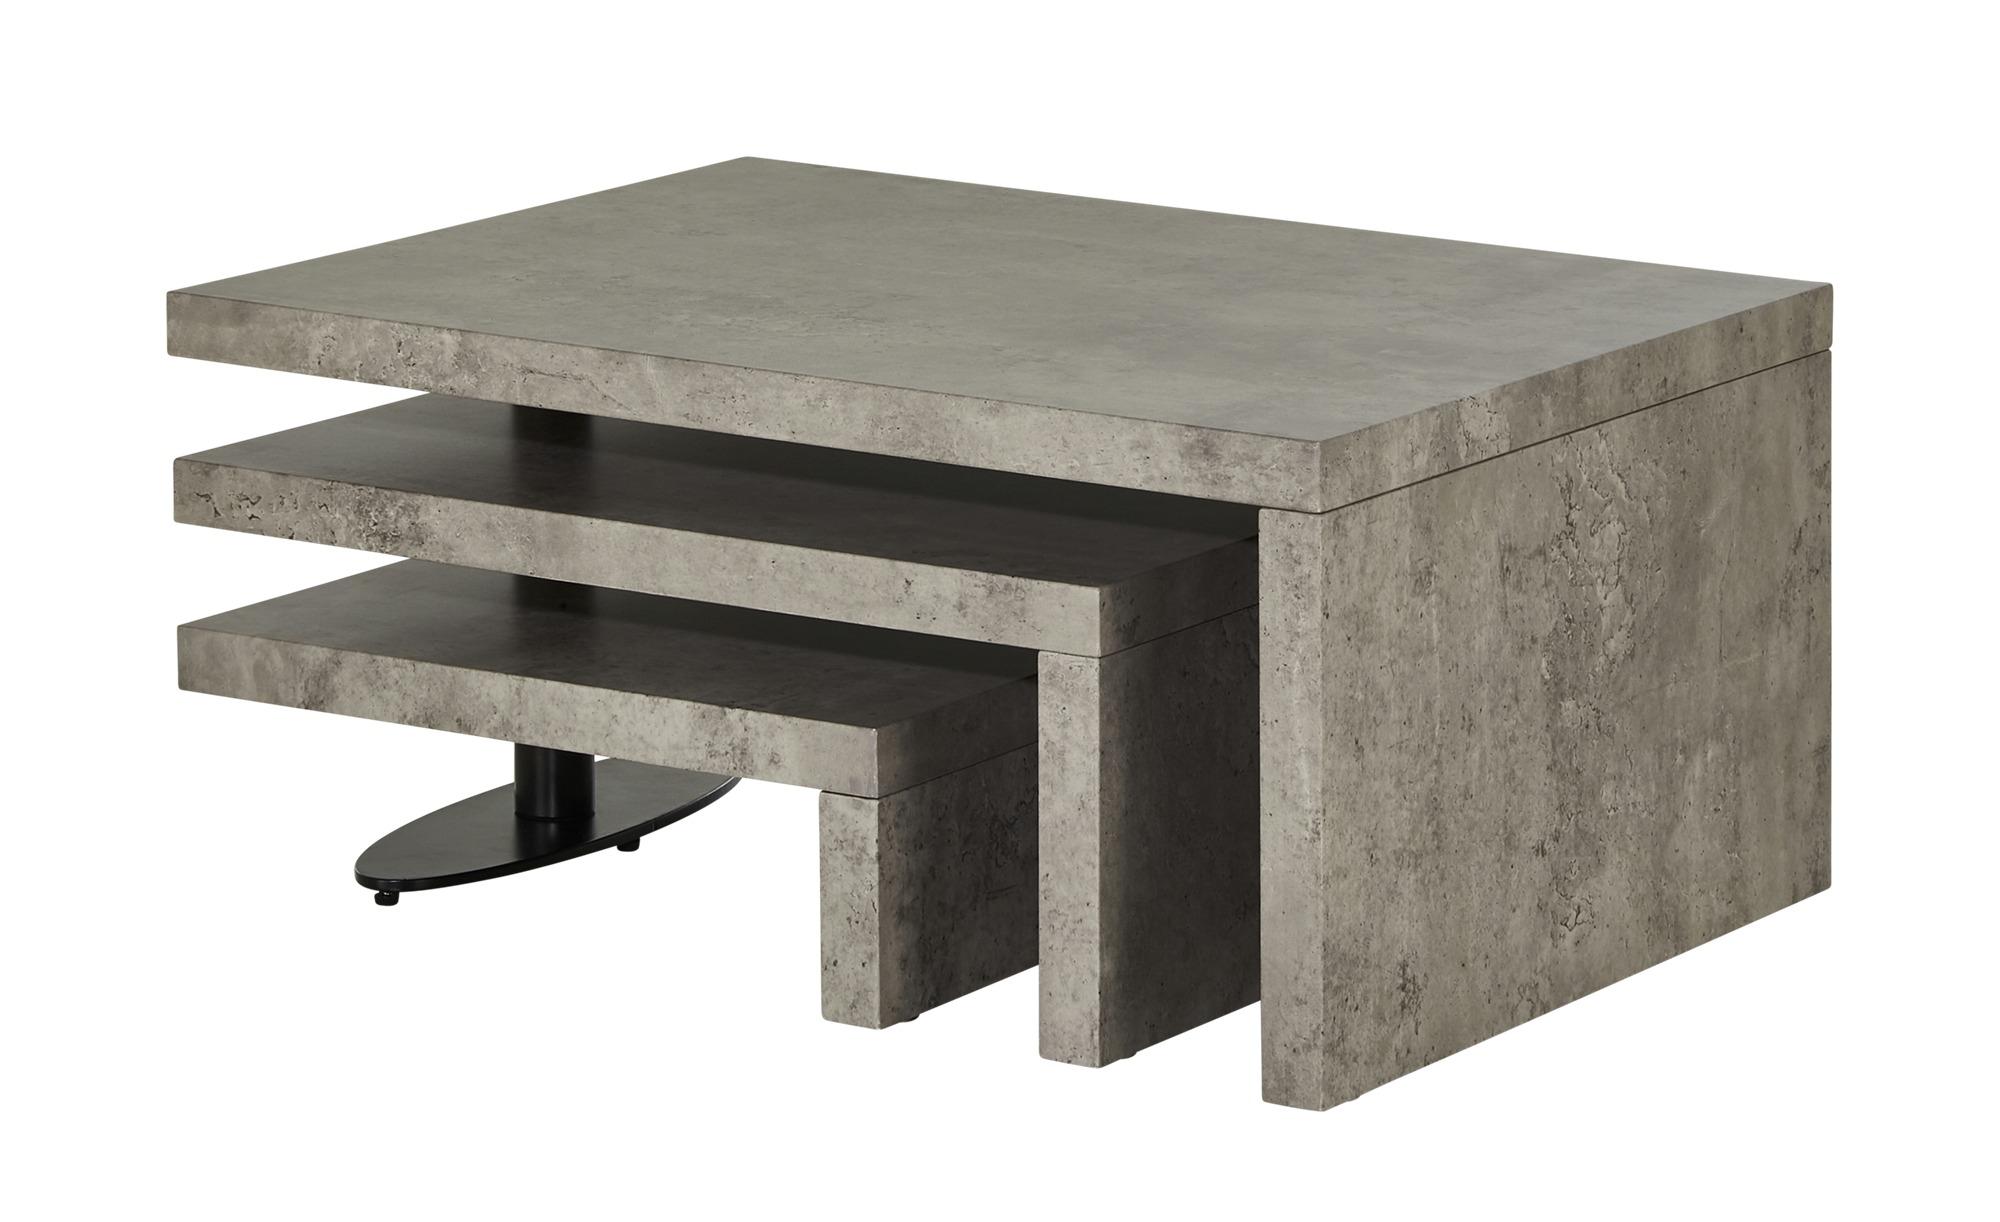 Couchtisch  Tremiti ¦ grau ¦ Maße (cm): B: 60 H: 38 Tische > Couchtische > Couchtische rechteckig - Höffner